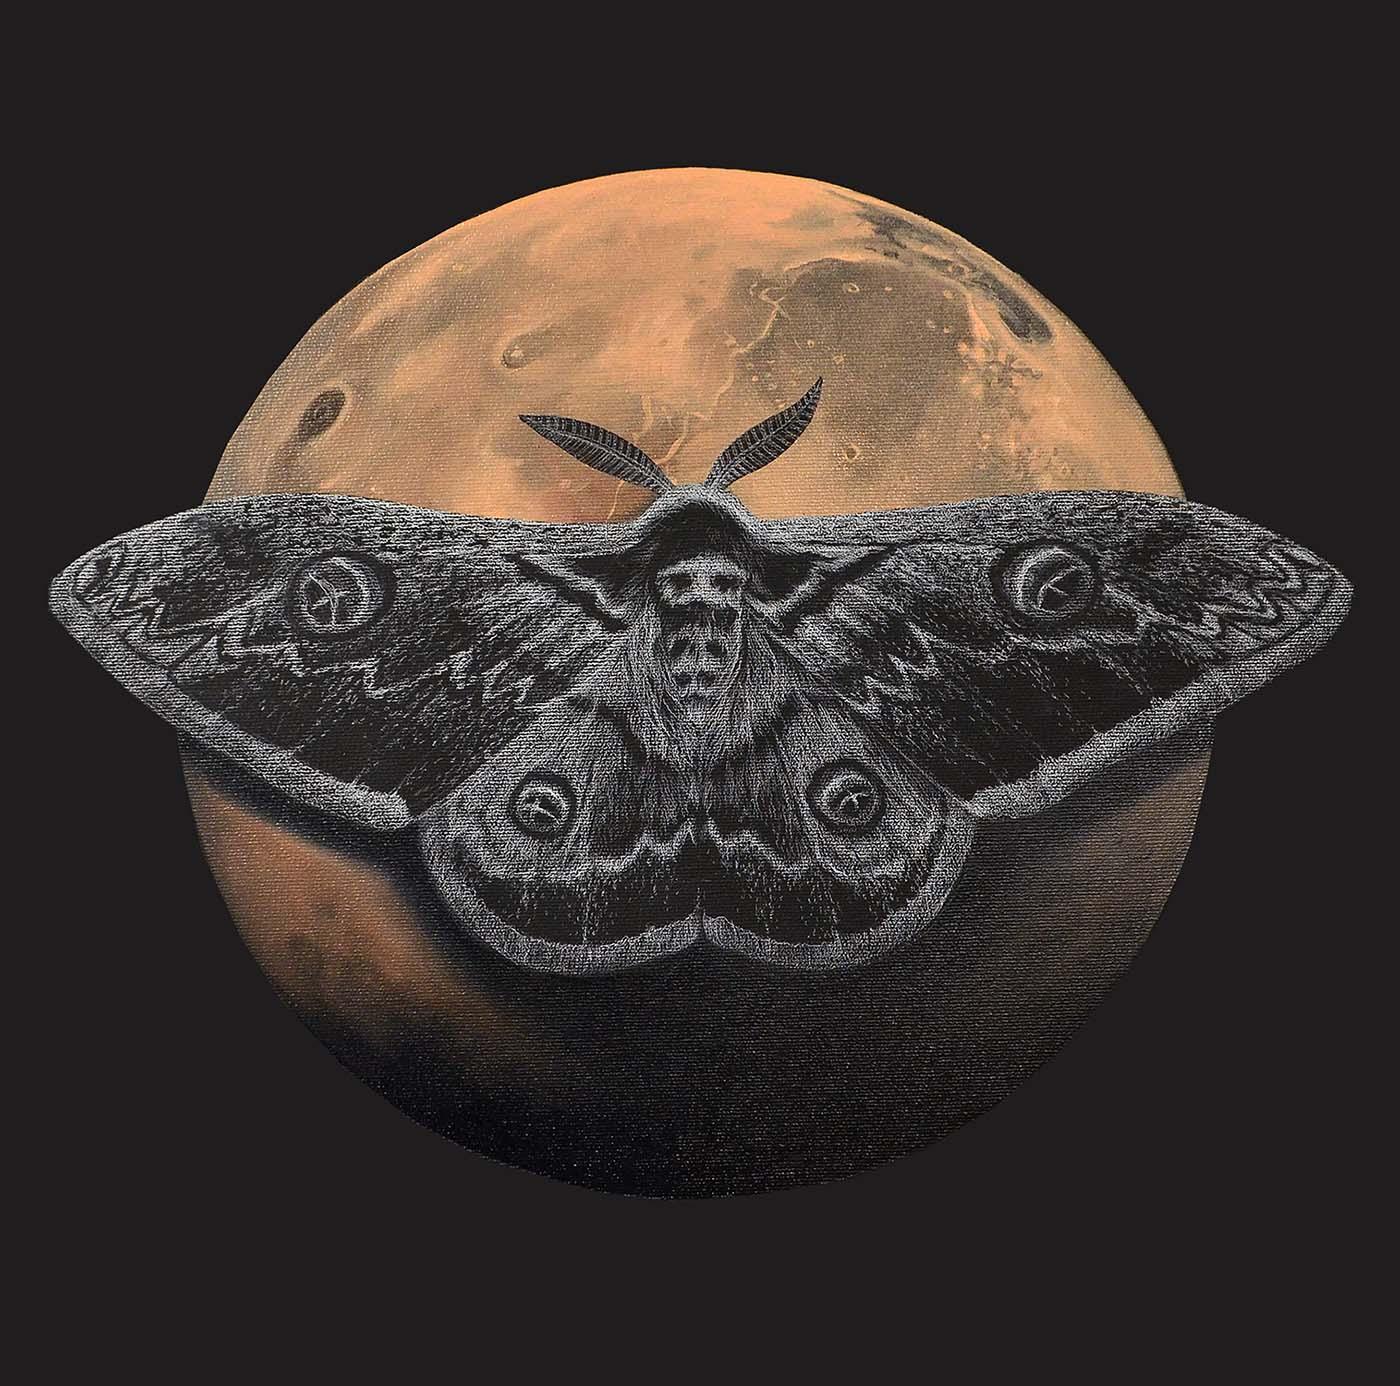 Mars & Wiener Nachtpfauenauge / Mischtechnik auf Leinwand 50x50cm © Rita Stern Miltenberg